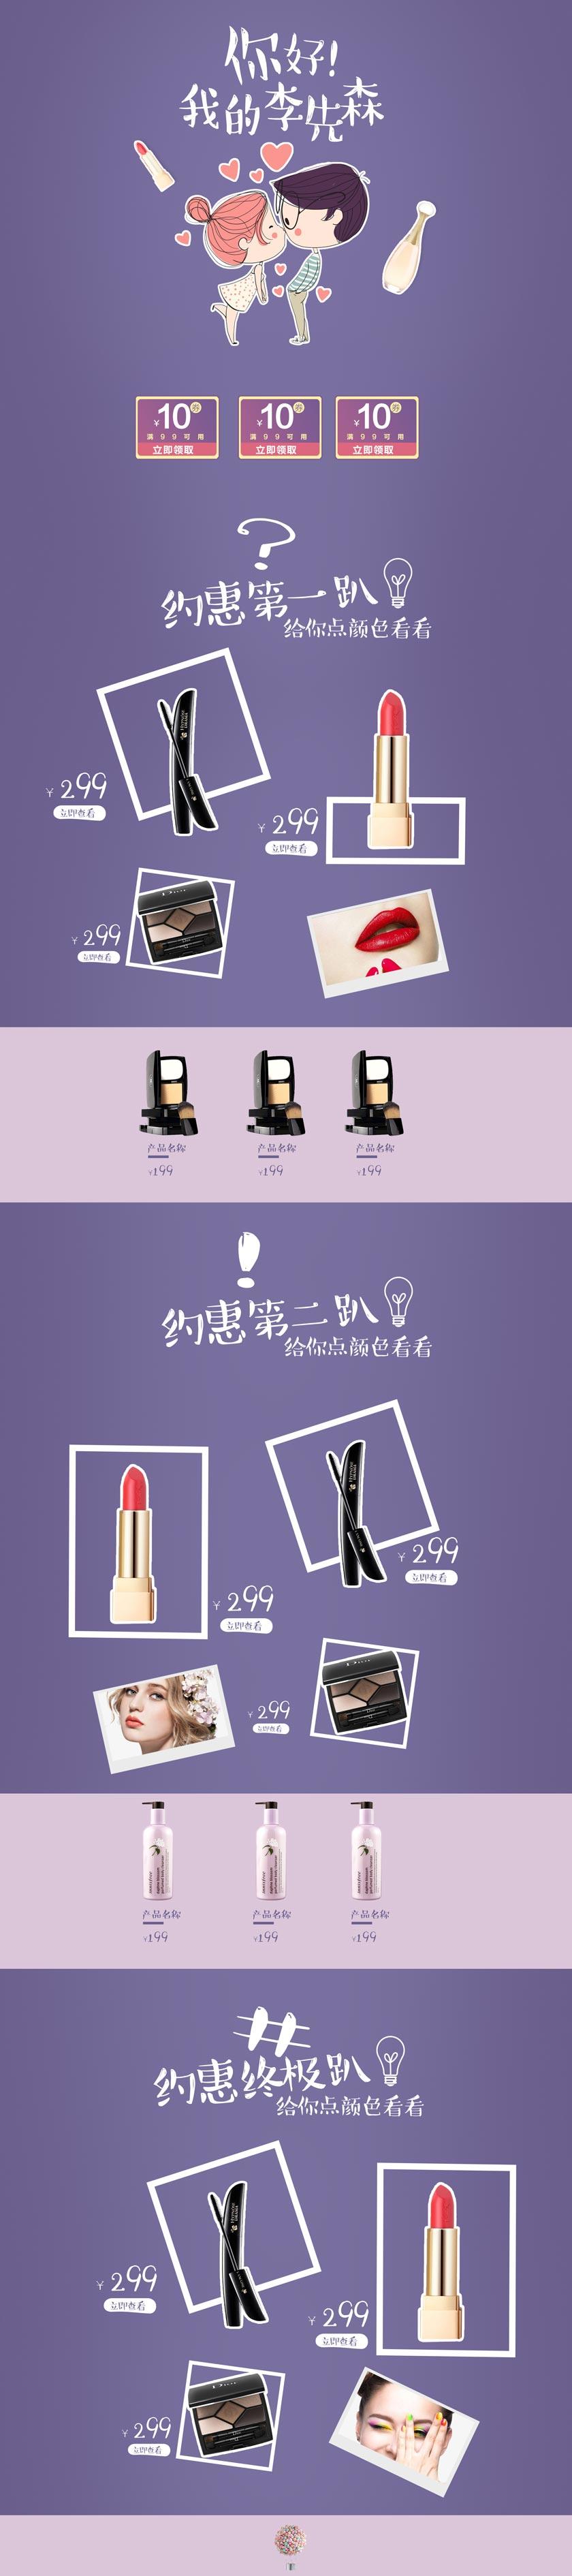 淘宝化妆品首页设计模板PSD素材